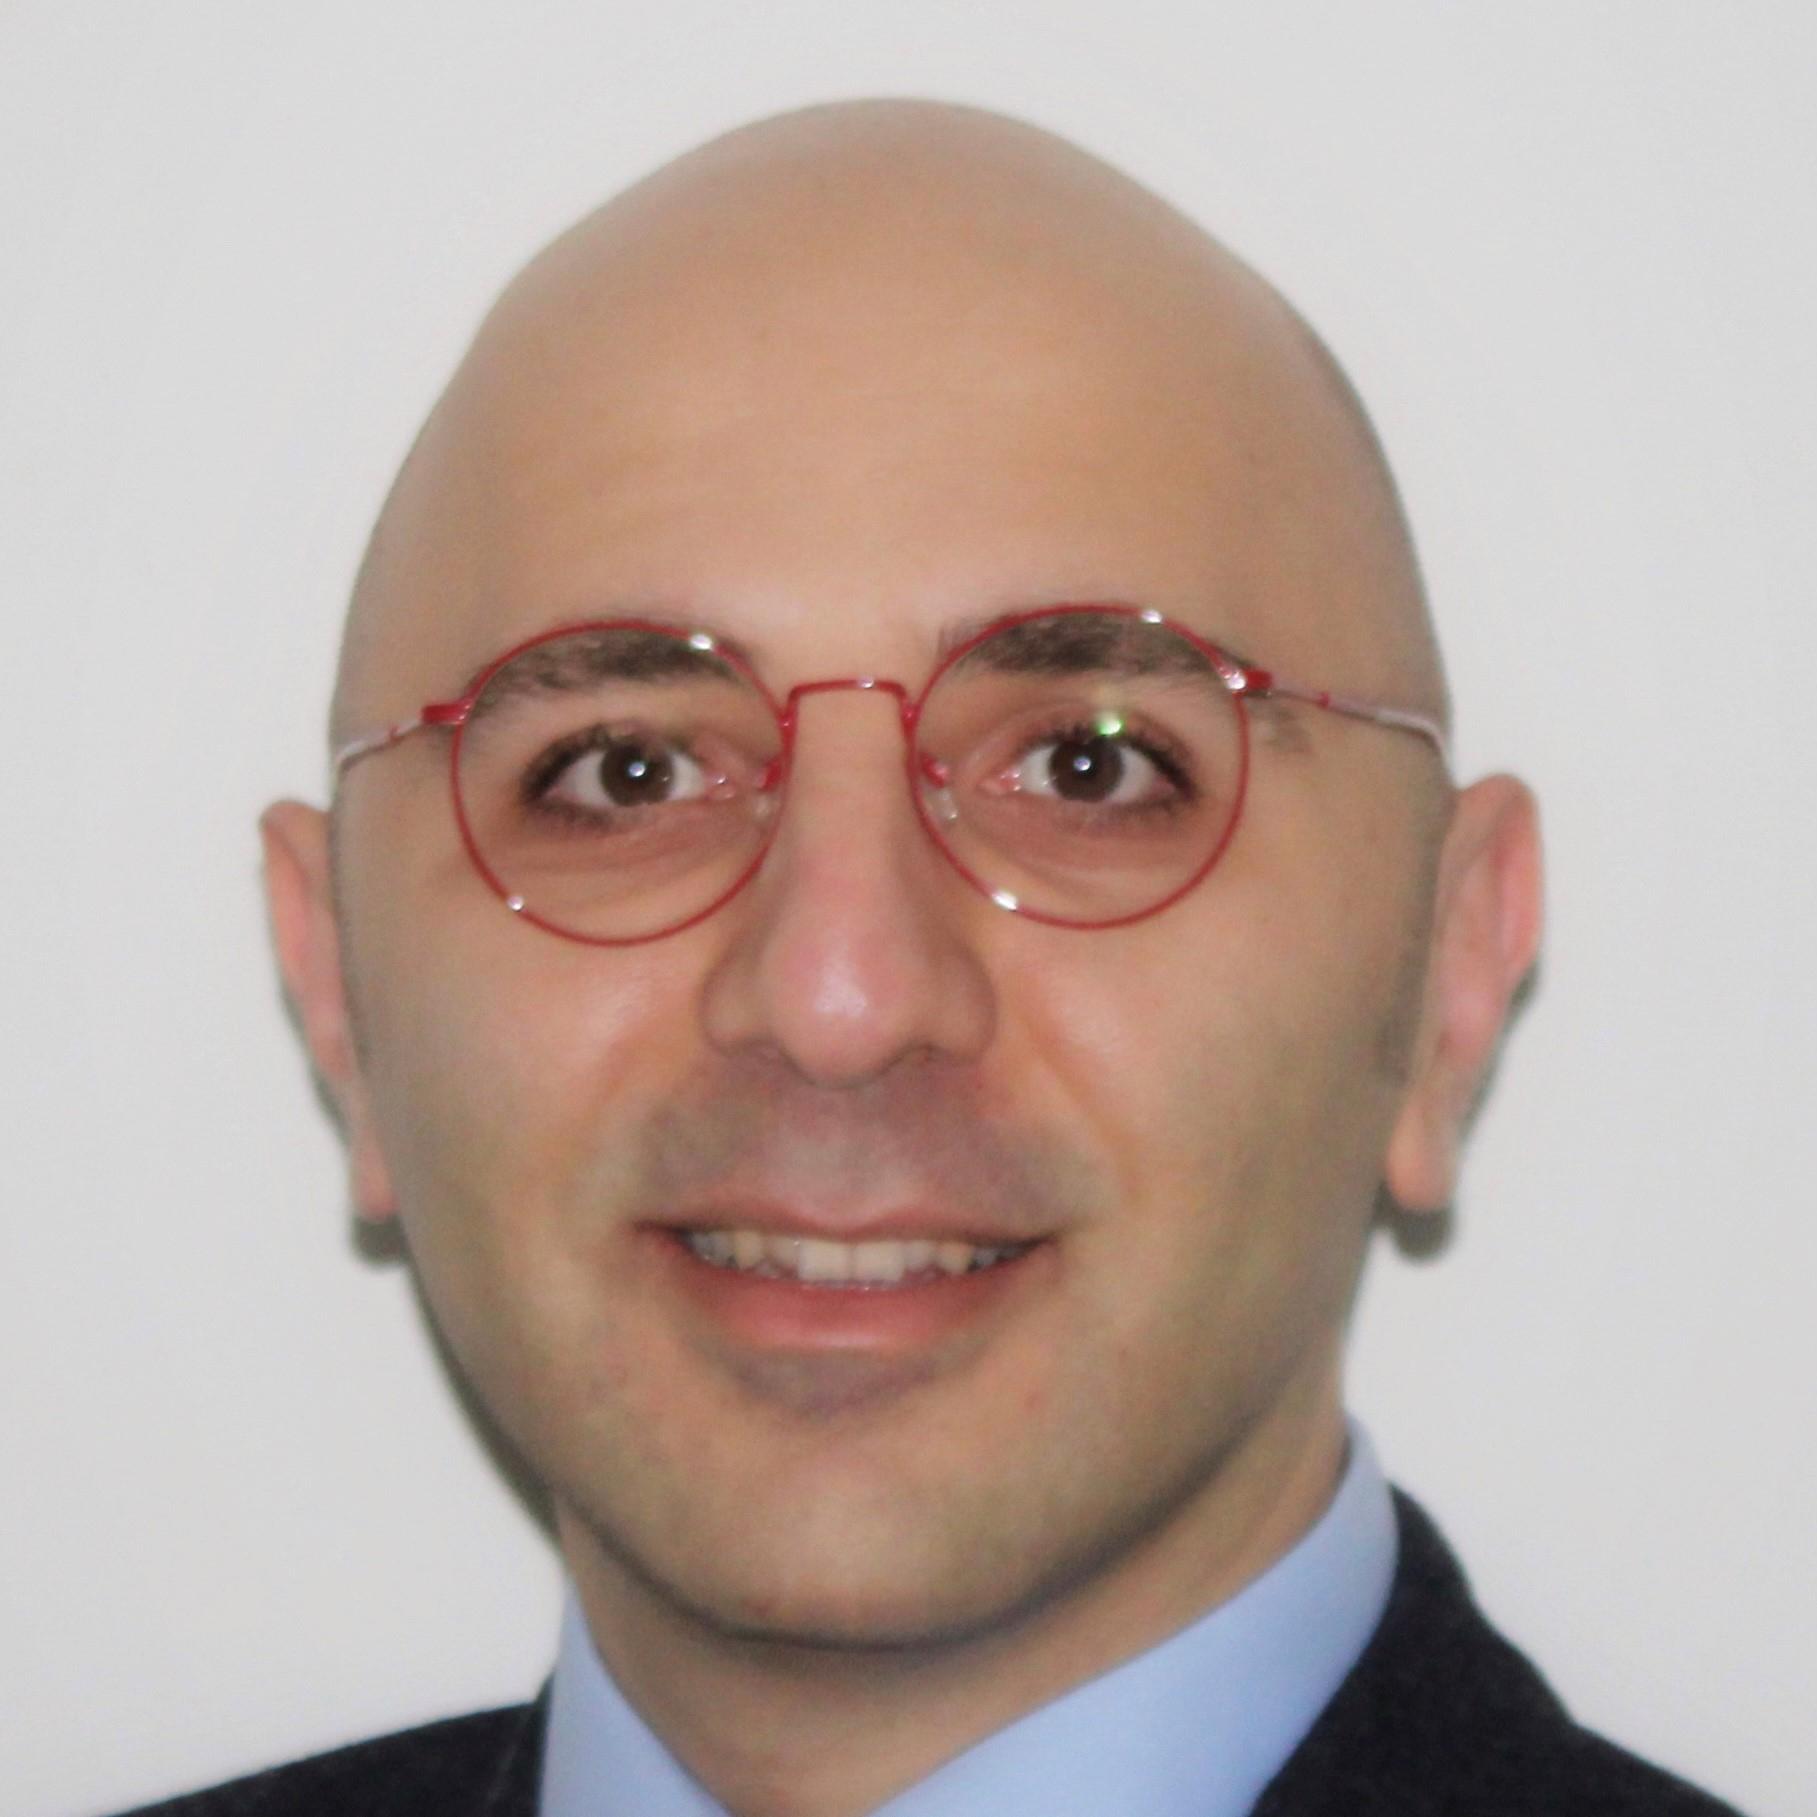 Photograph of Soheil Davari